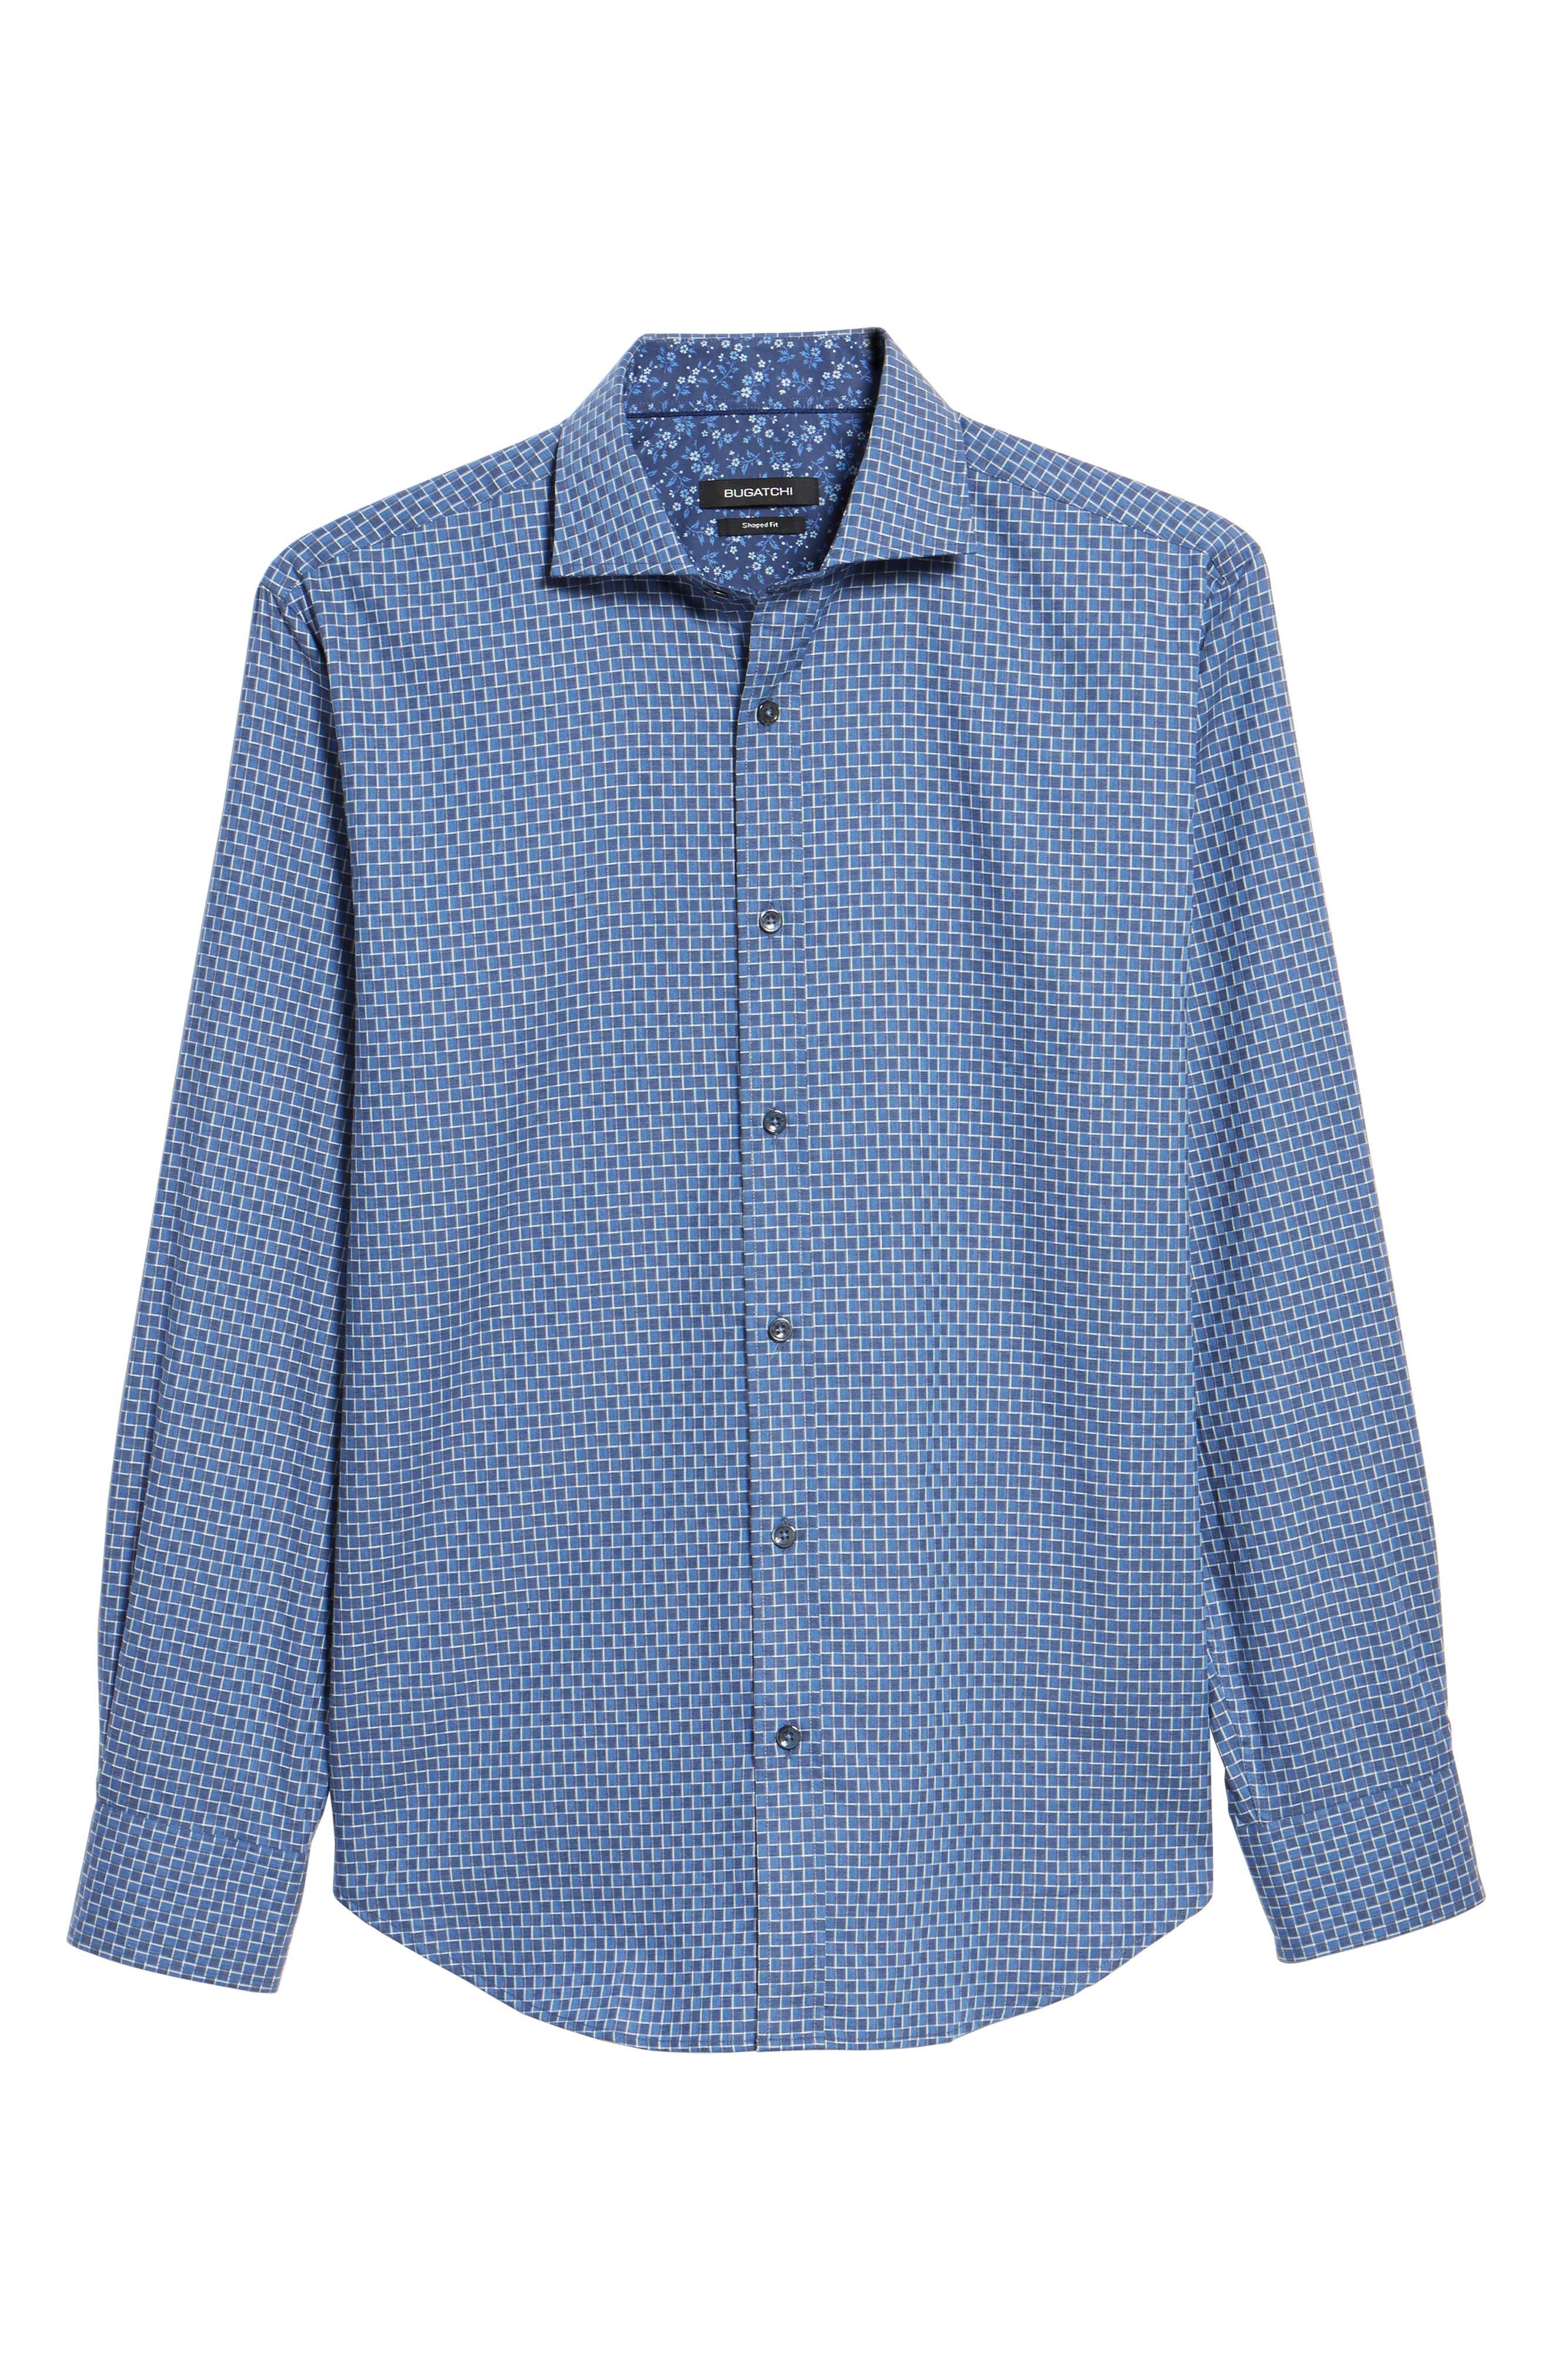 Shaped Fit Jacquard Sport Shirt,                             Alternate thumbnail 6, color,                             030